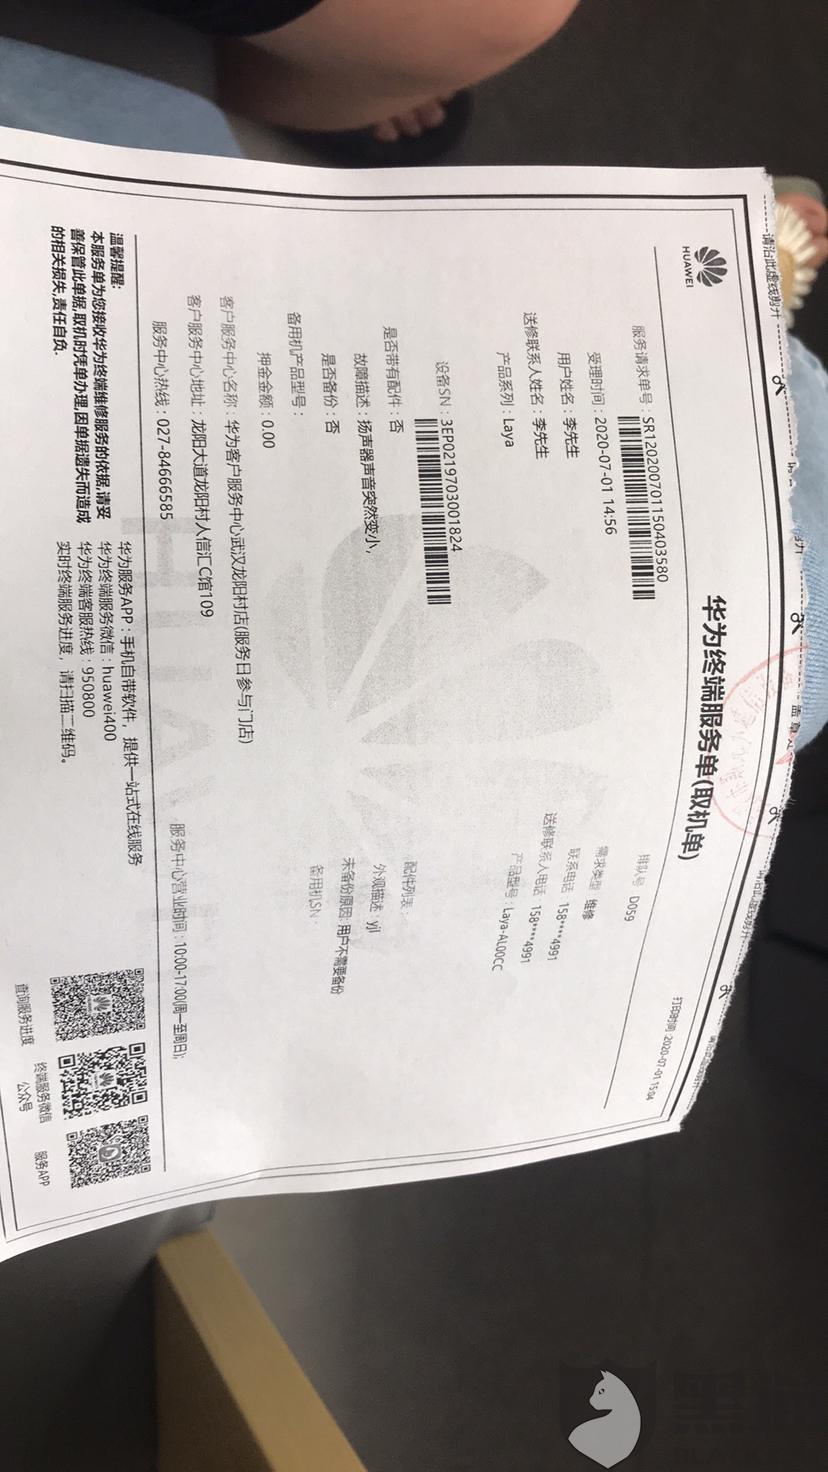 黑猫投诉:华为终端客服用时2天解决了消费者投诉